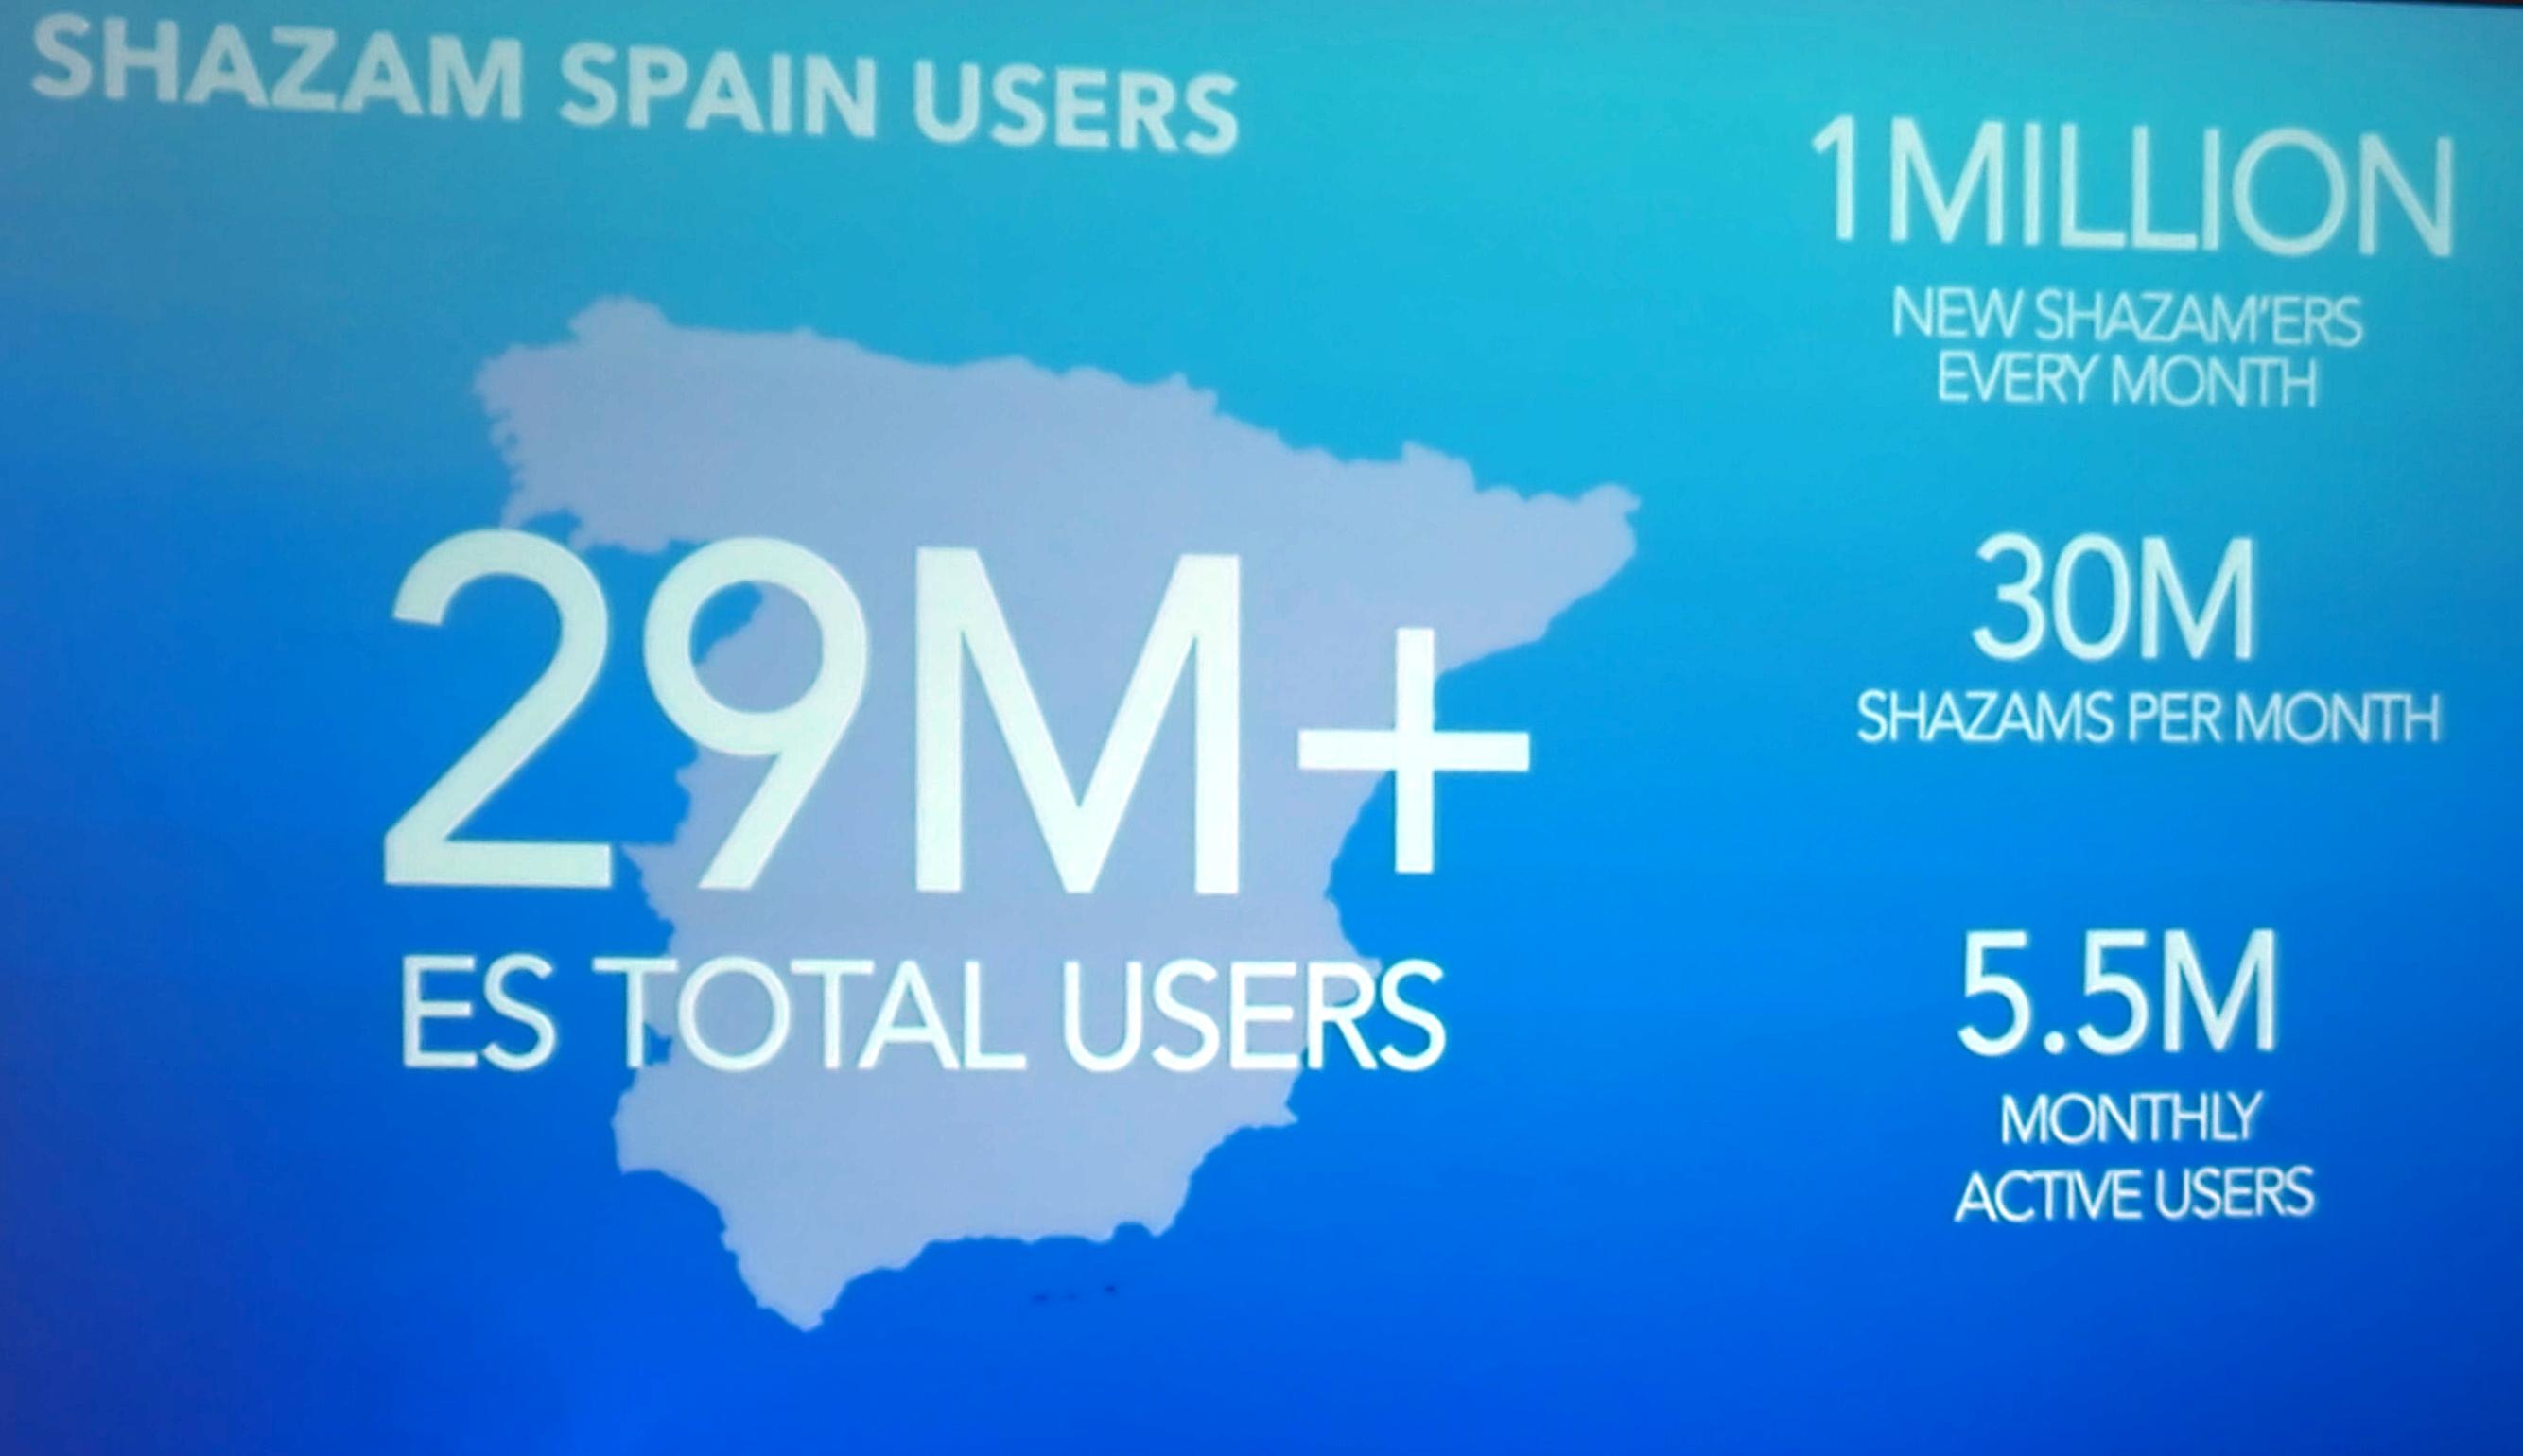 shazam-usuarios-españa